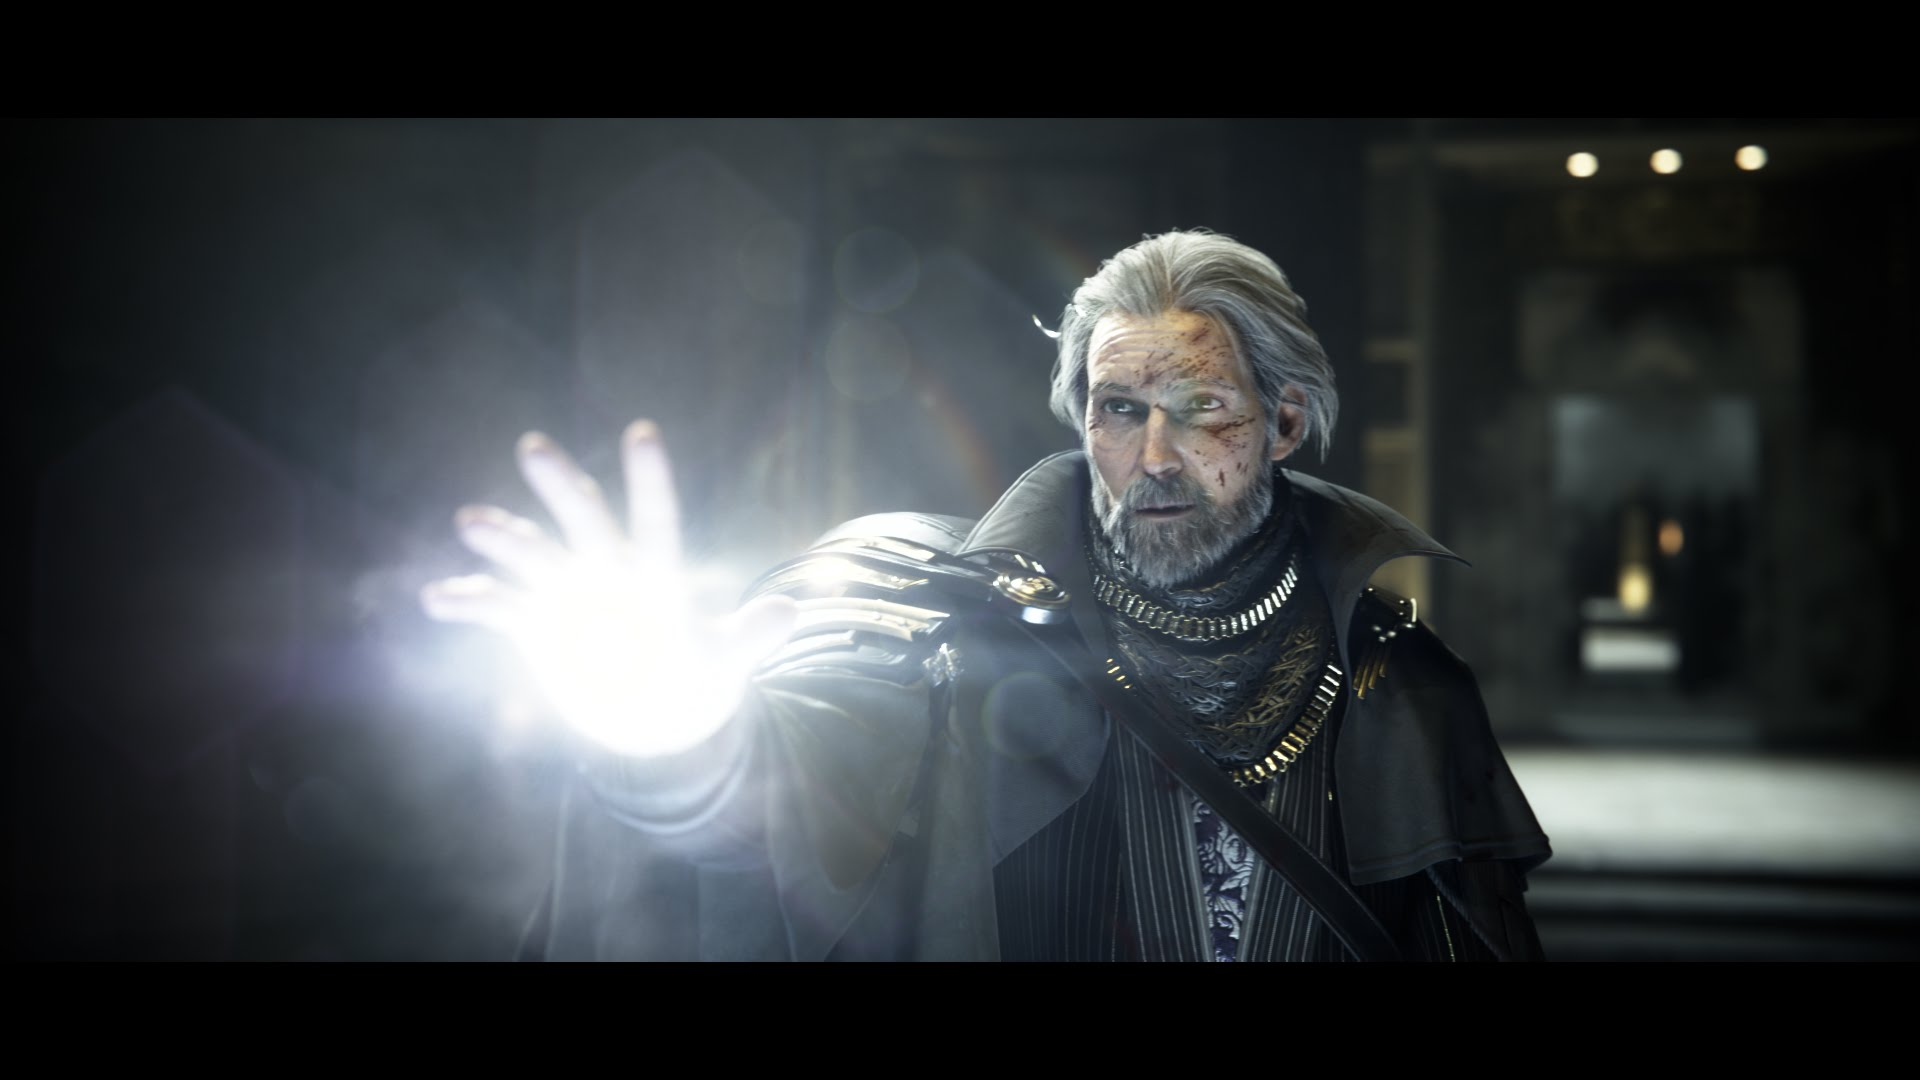 Final Fantasy 15 será lançado globalmente dia 30 de agosto — Kingsglaive